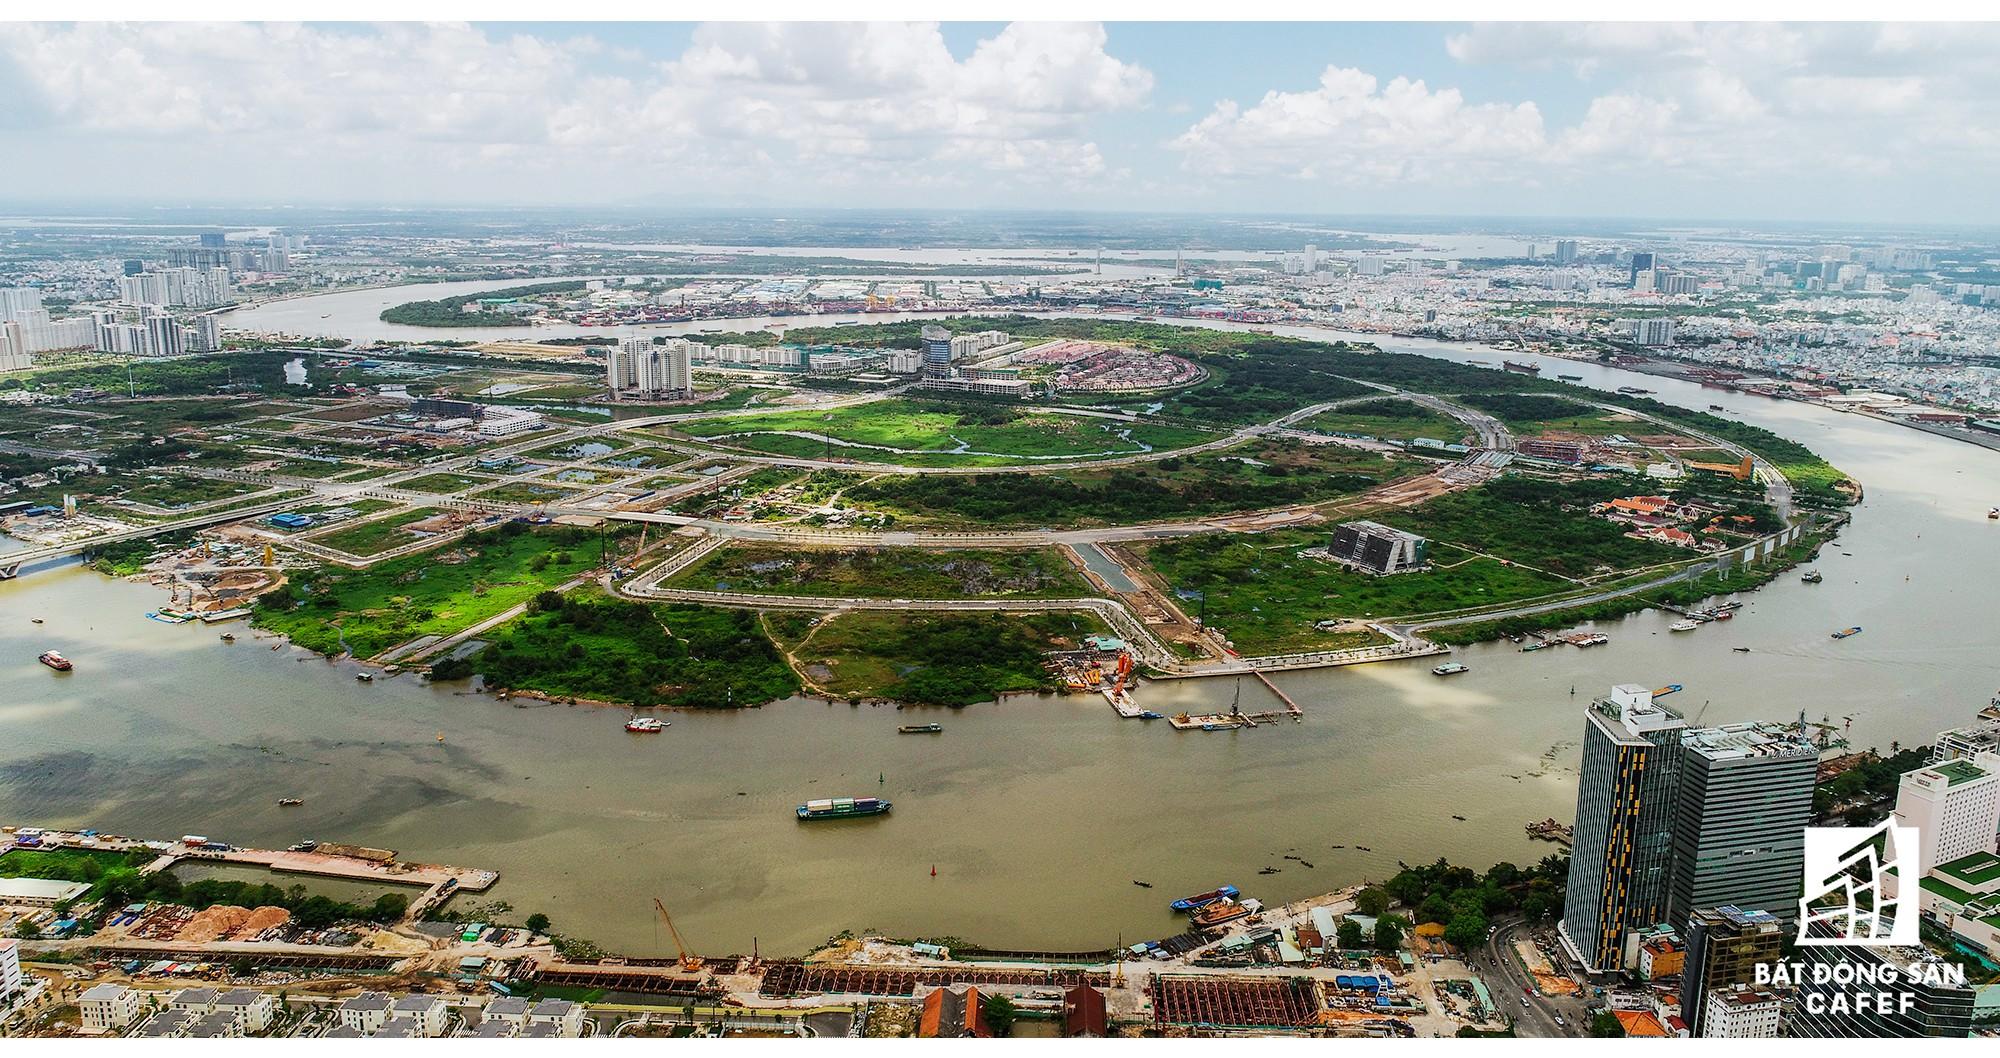 11 dấu ấn BĐS năm 2018: Cơn sốt đất khuynh đảo thị trường, điểm nóng Thủ Thiêm chấn động TP.HCM - Ảnh 20.